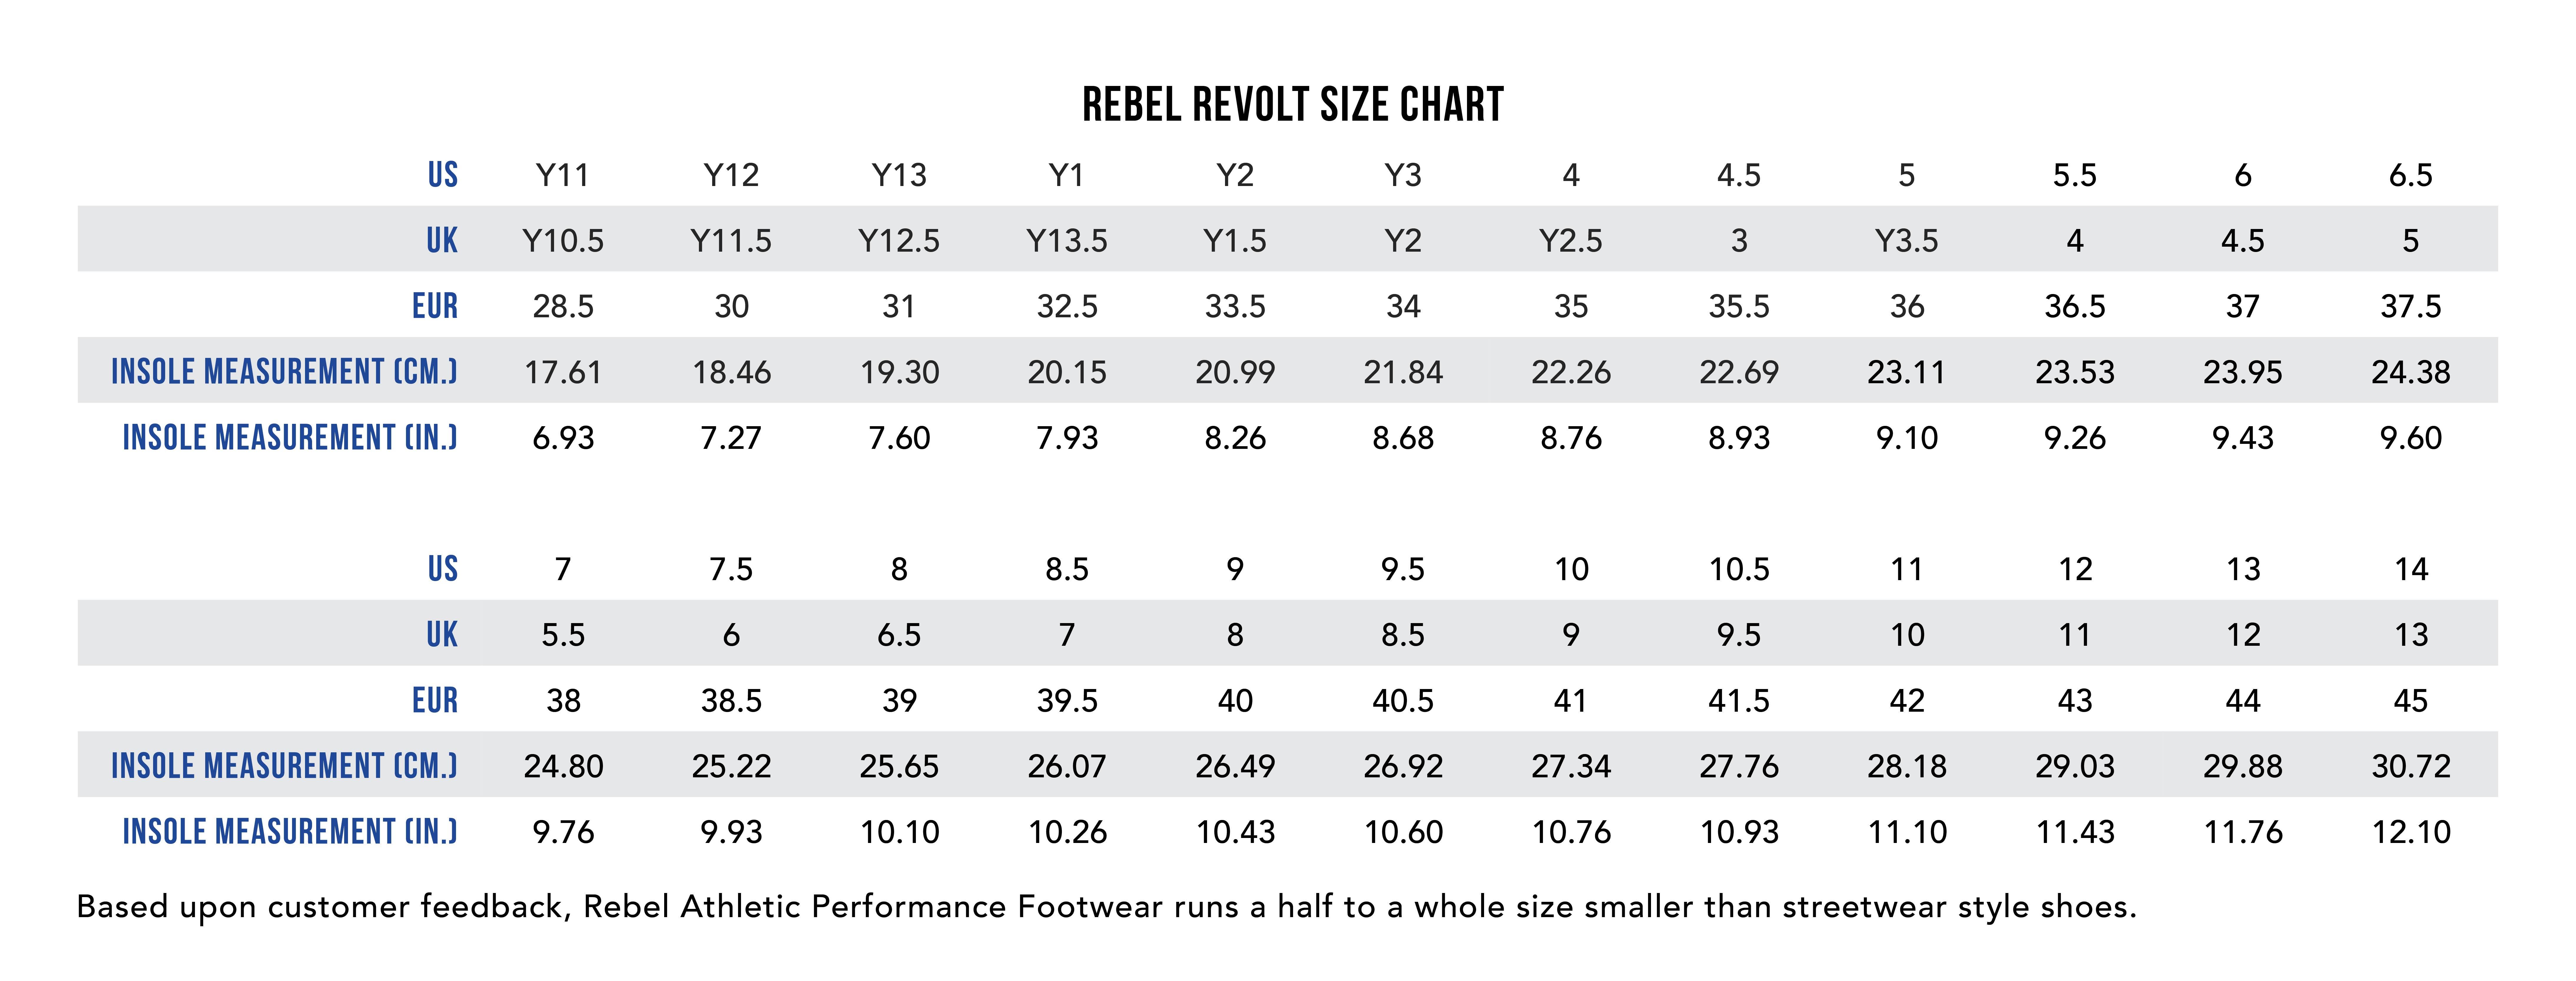 Rebel Revolt size chart